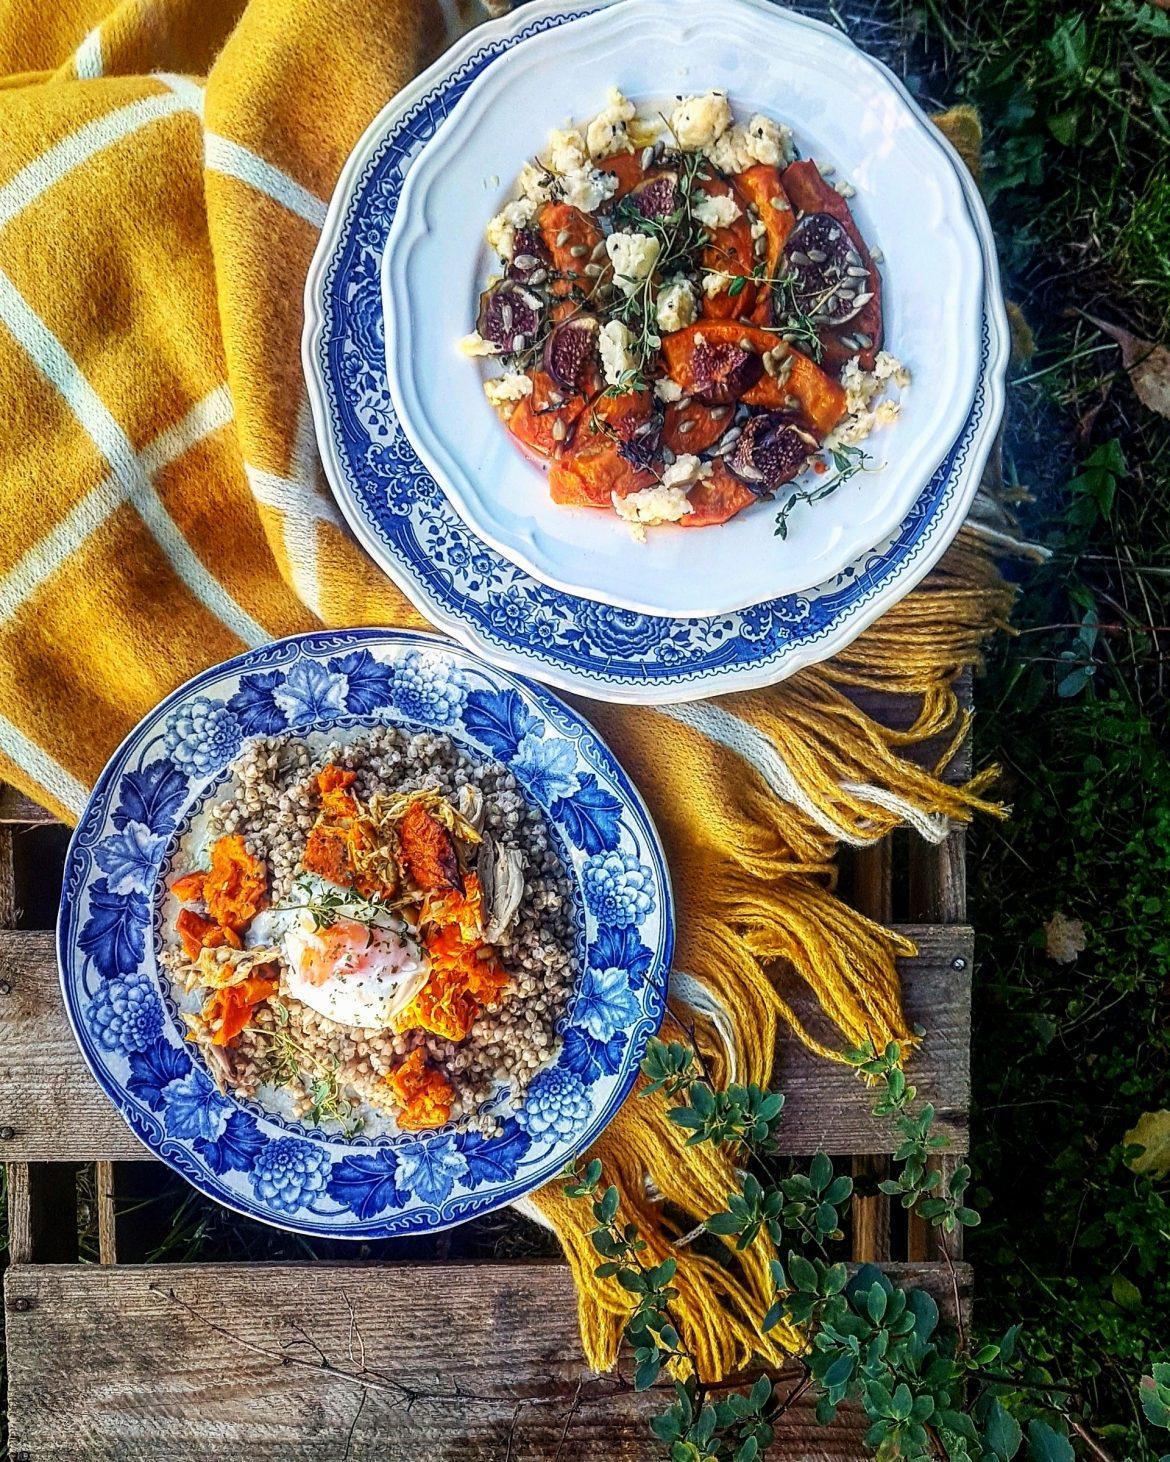 Dynia - przepisy z dyni Agnieszki Żelazko. Potrawy z dyni na ozdobnych talerzach w jesiennej scenerii.